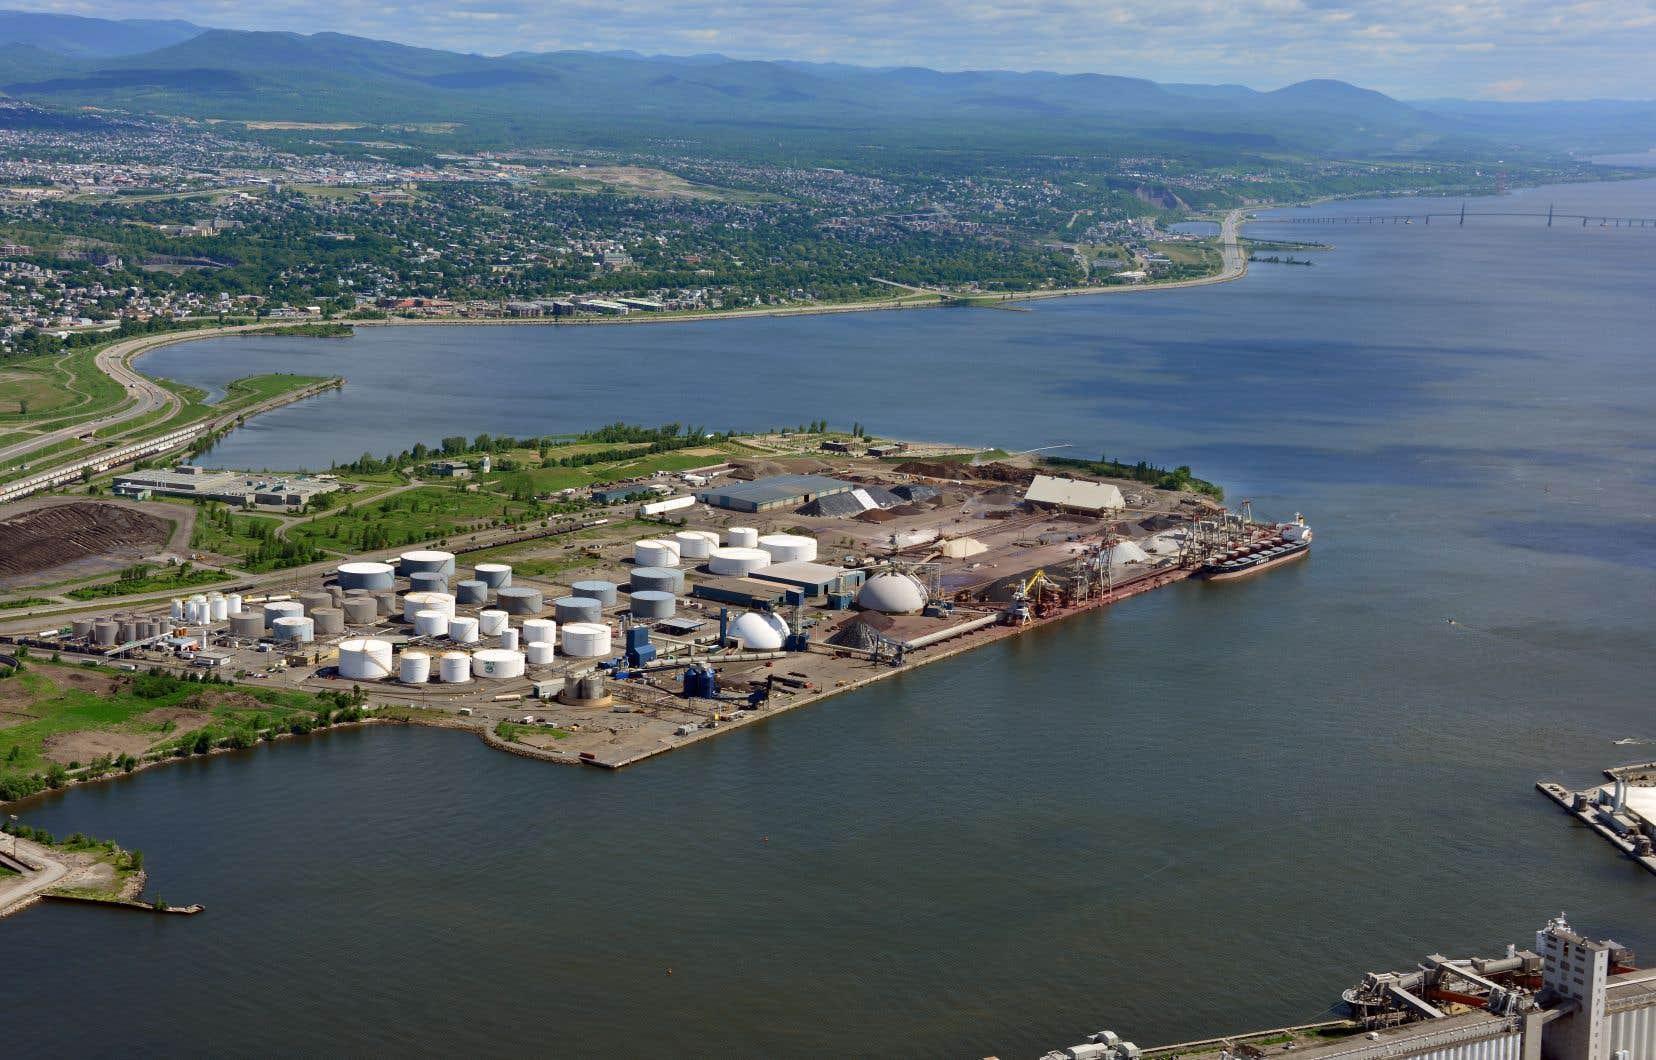 Le projet d'expansion du Port de Québec fait partie de ceux qui seront évalués selon les règles antérieures.